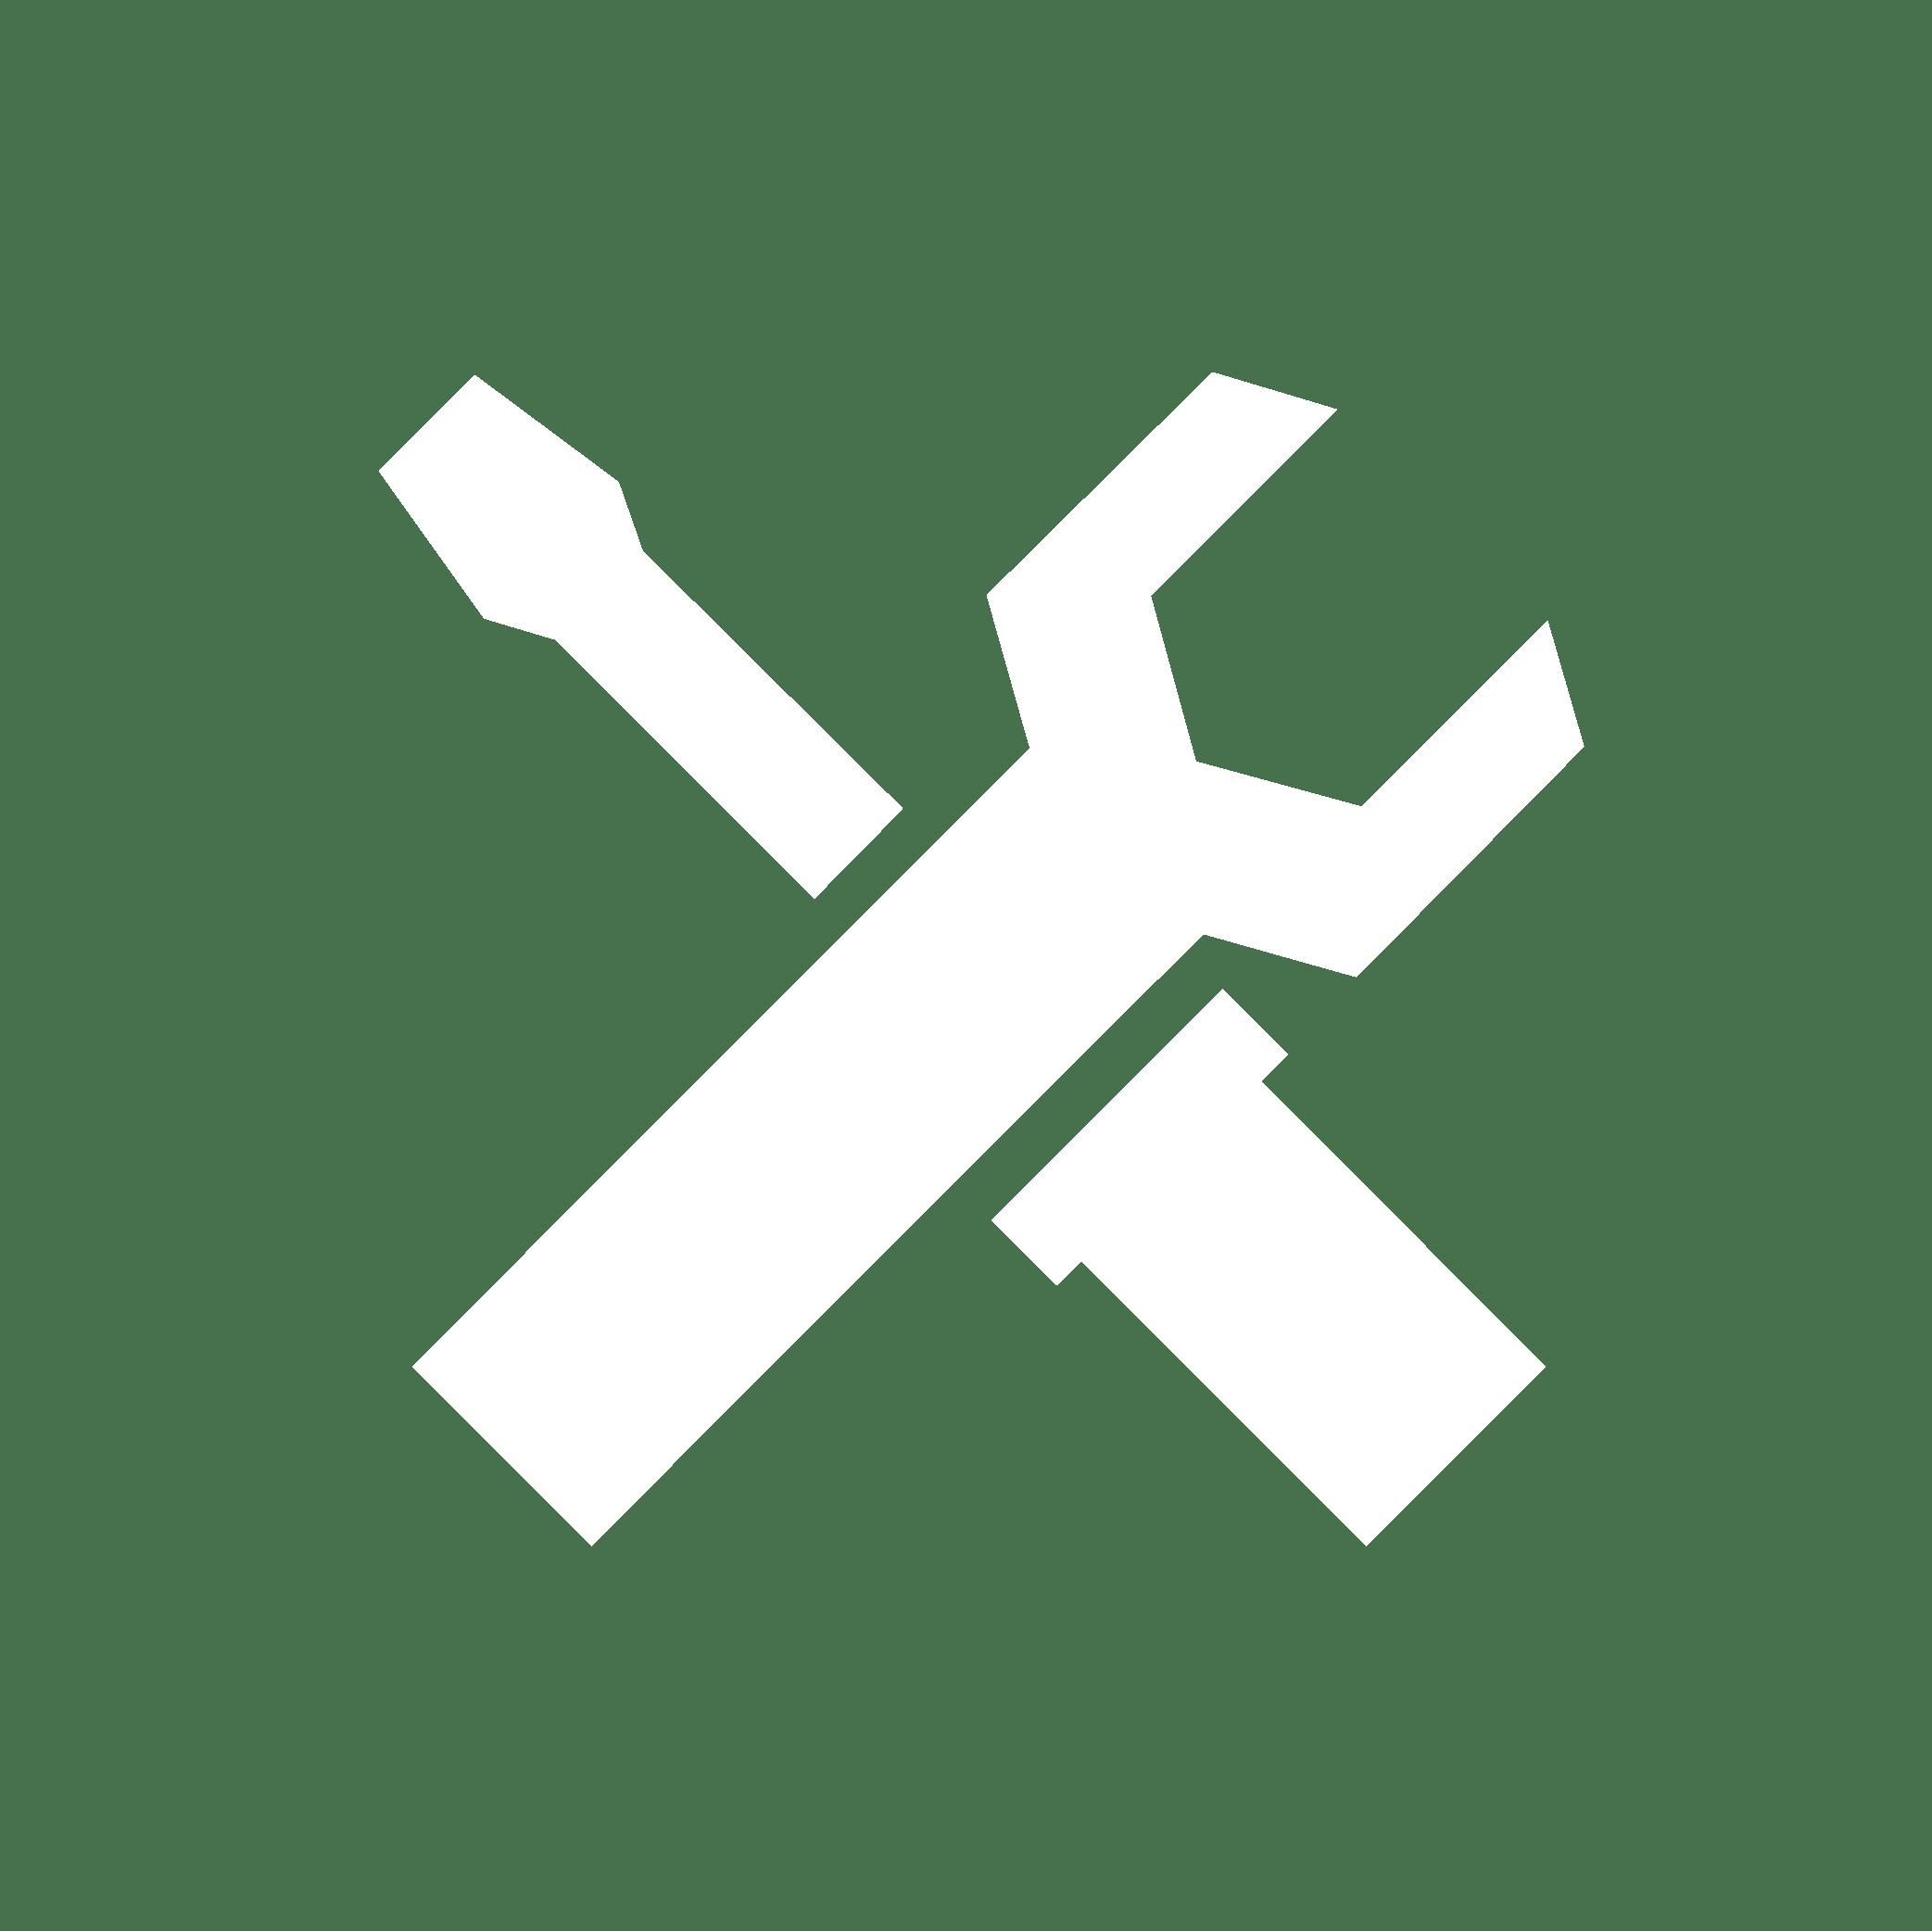 Réparation de chariots